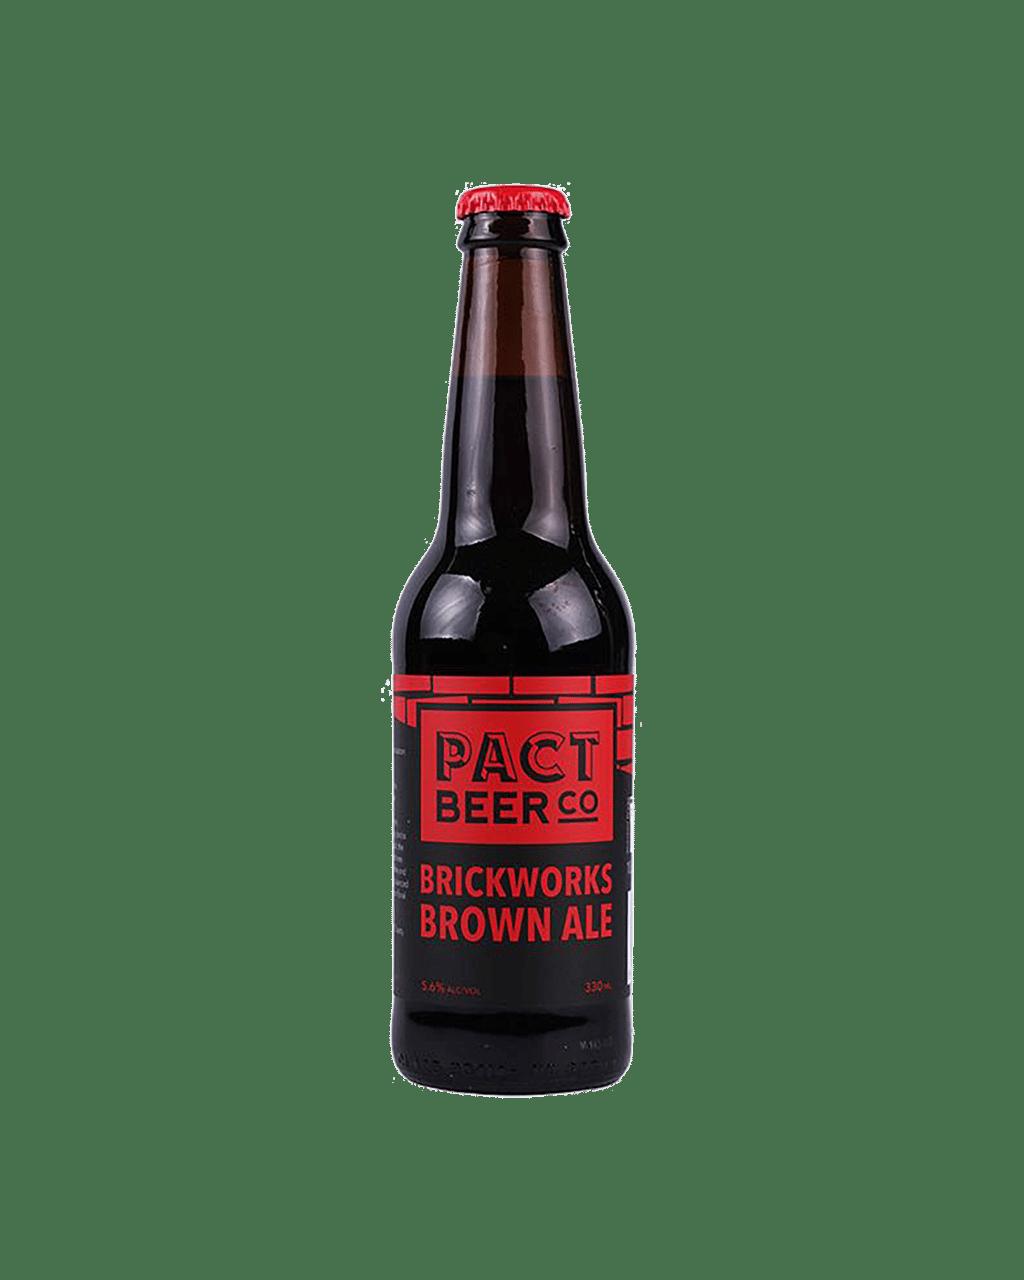 Buy Pact Beer Co Brickworks Brown Ale 330mL | Dan Murphy's